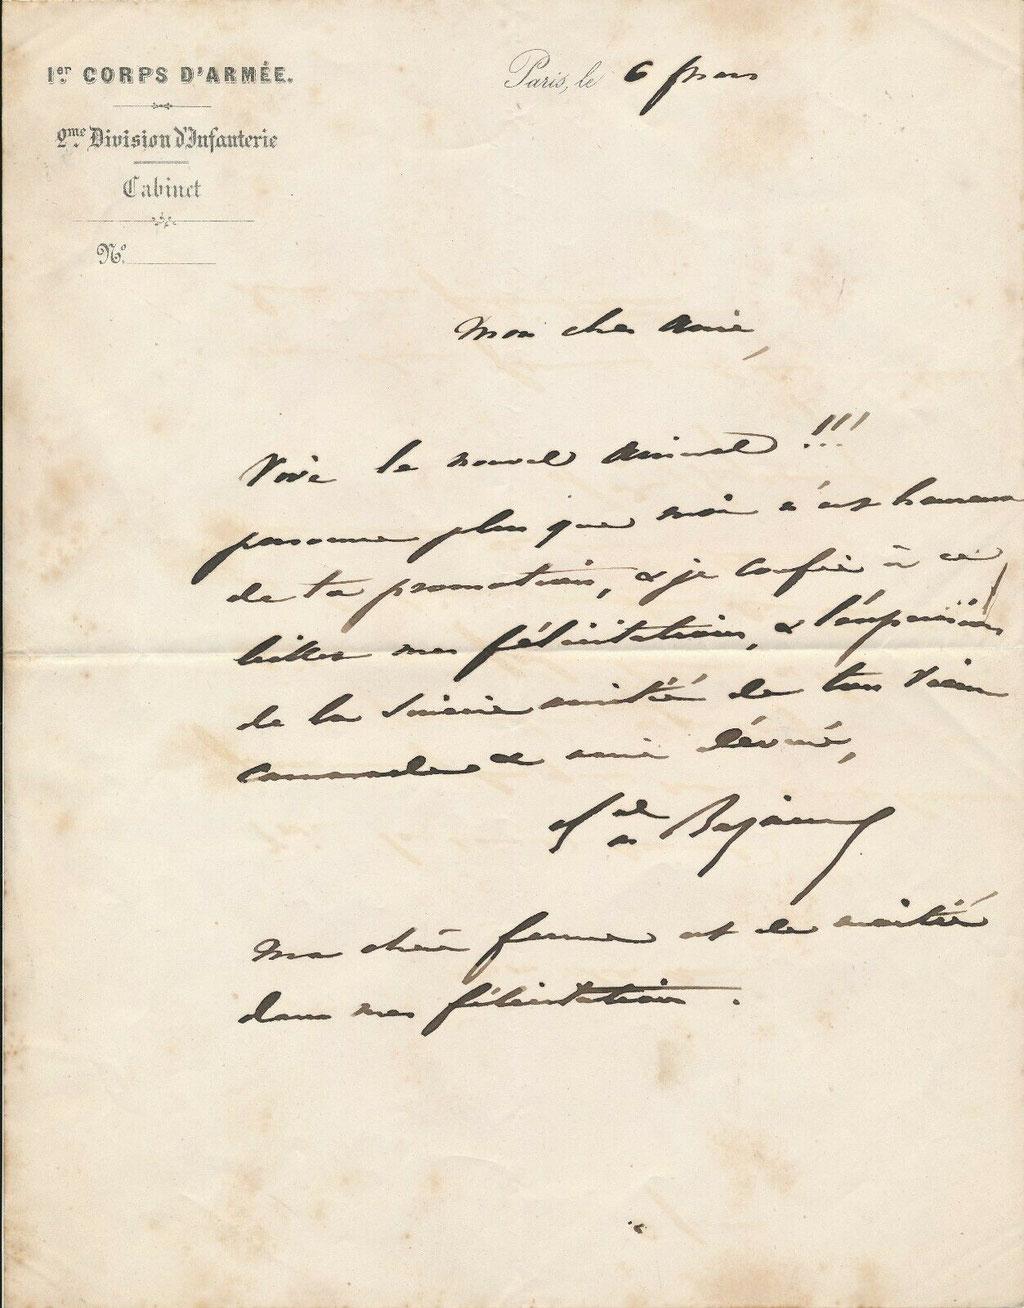 Lettre autographe de François Achille Bazaine